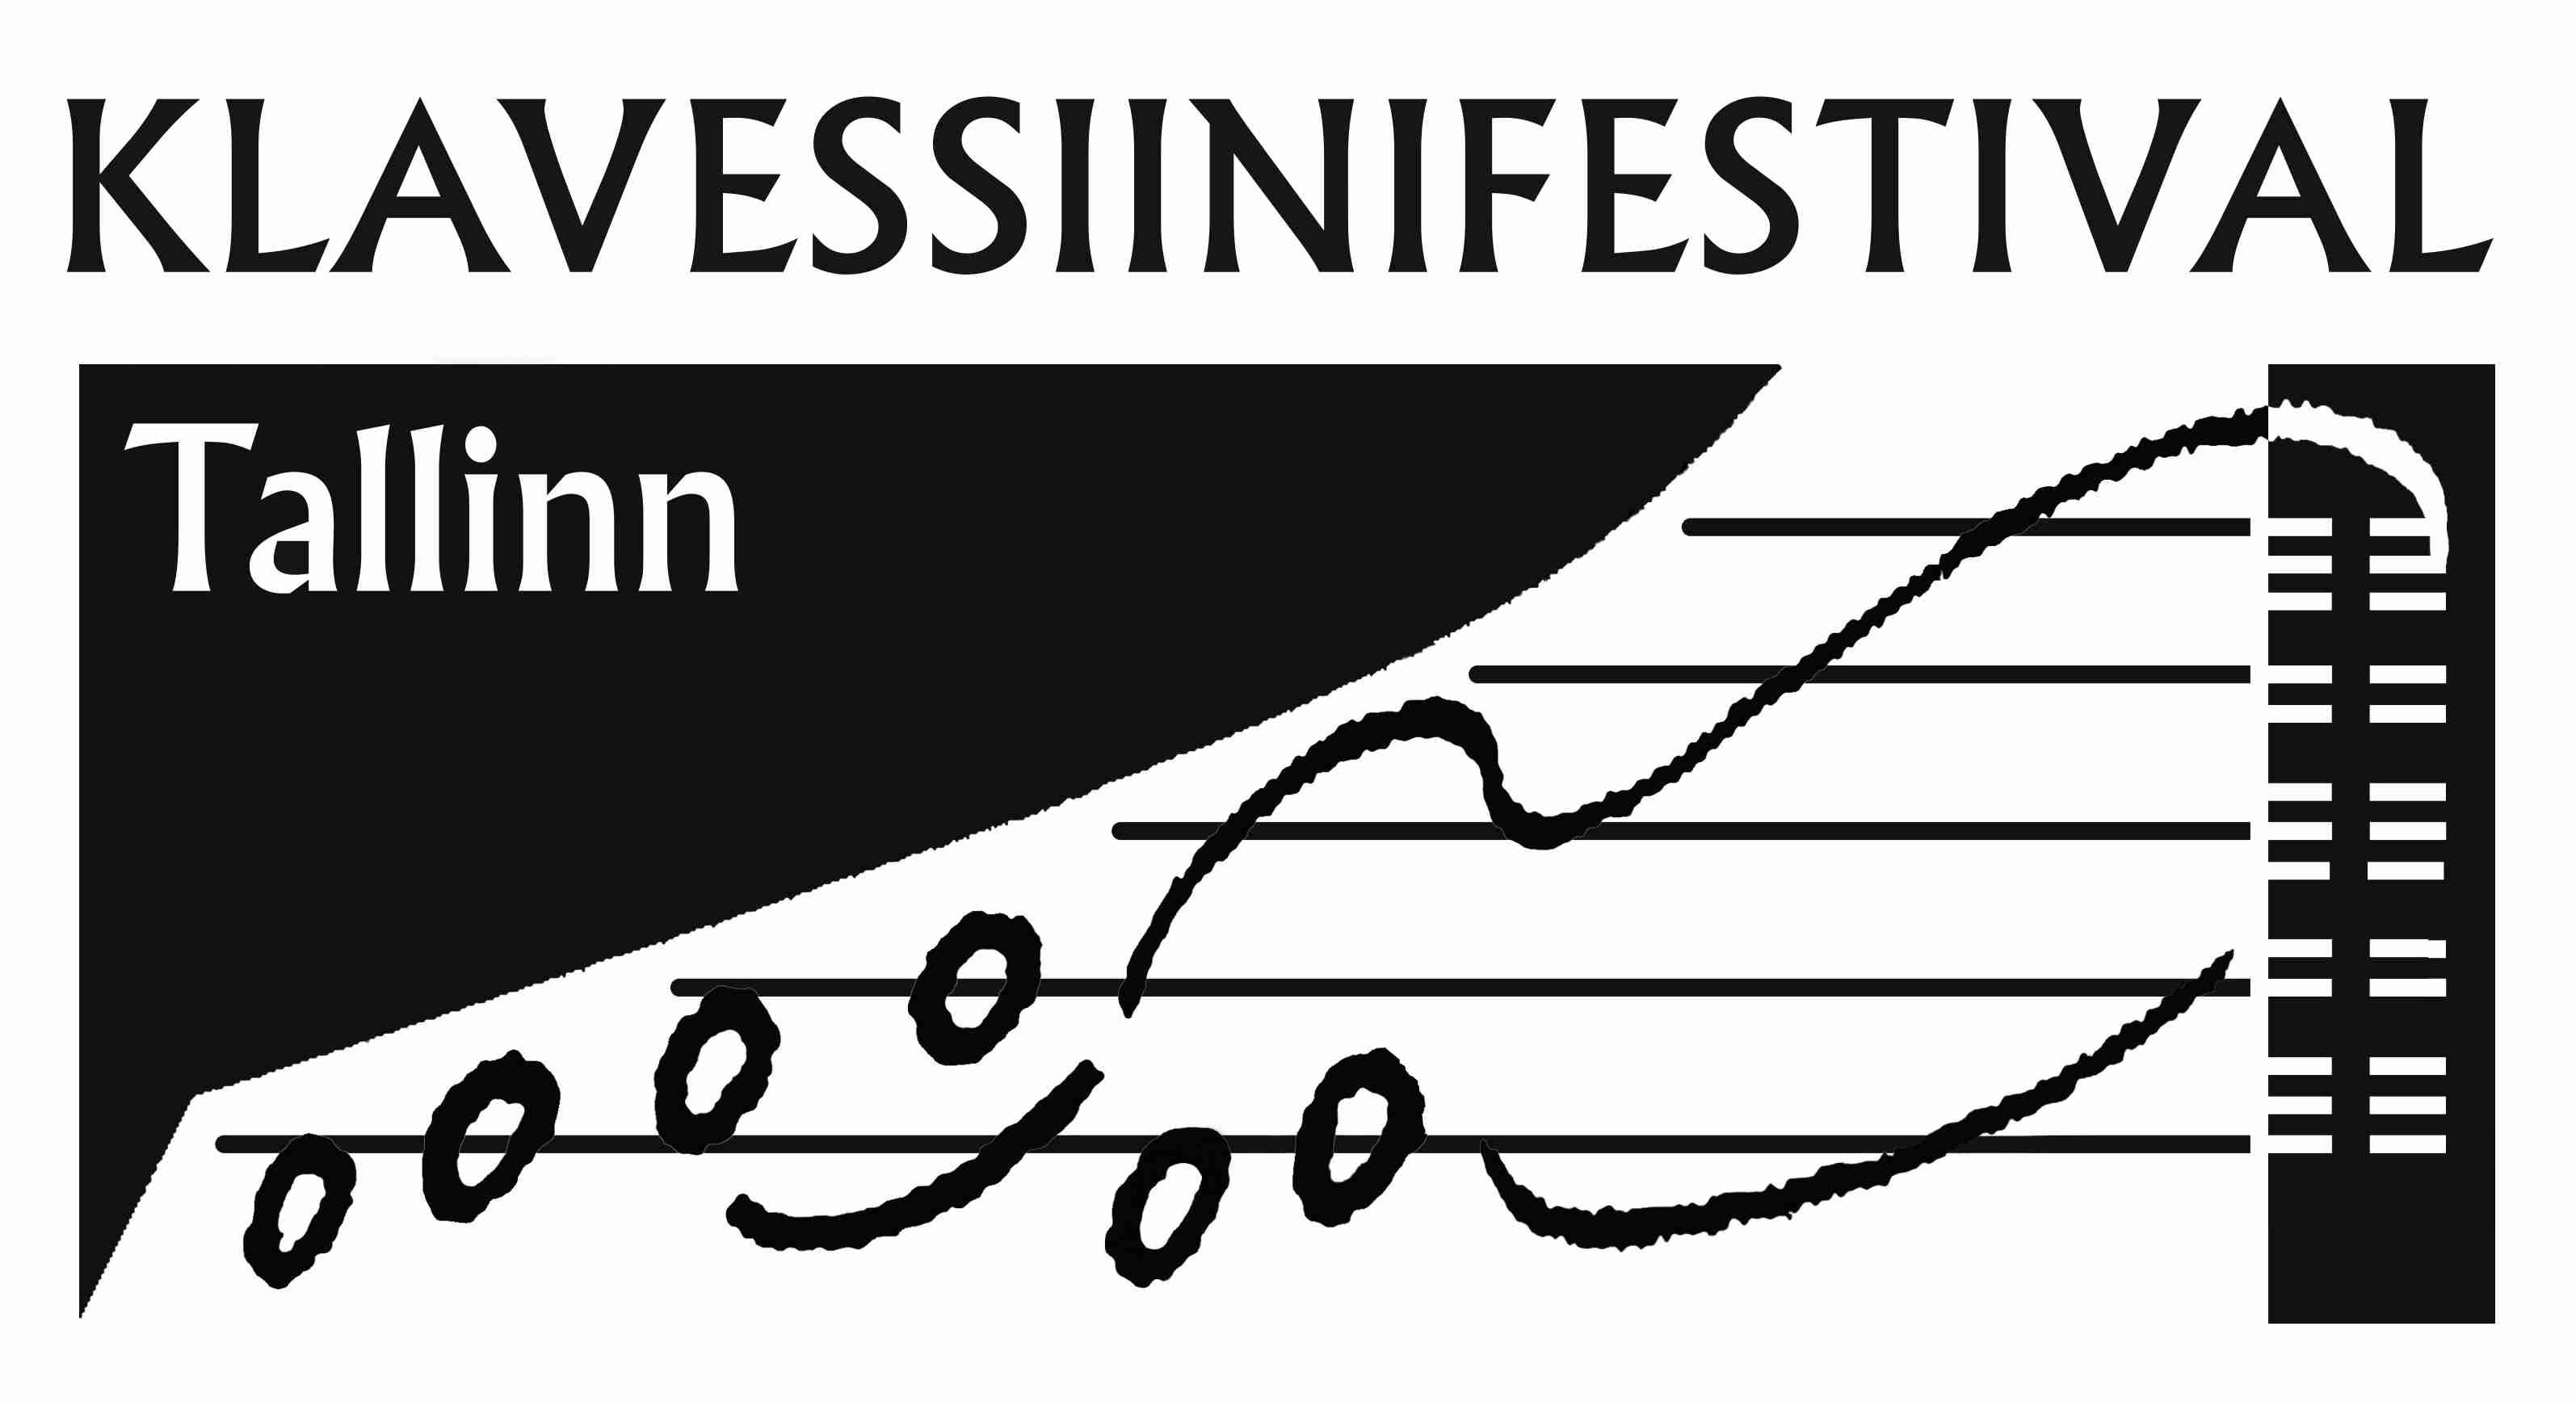 Tallinna Klavessiinifestival